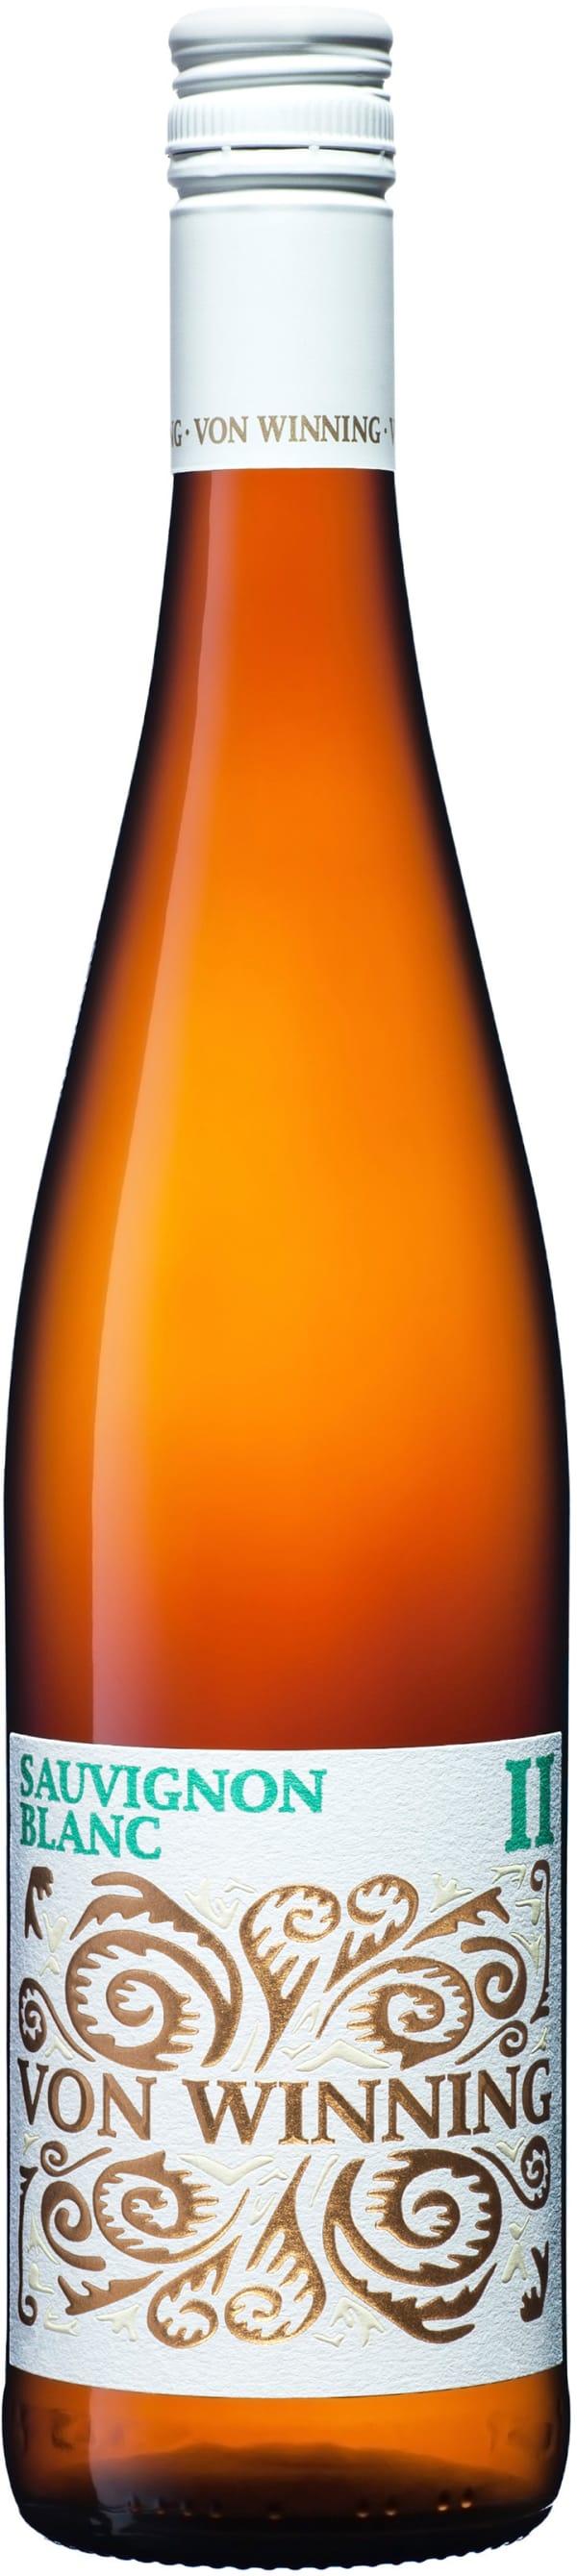 Von Winning Sauvignon Blanc II 2016